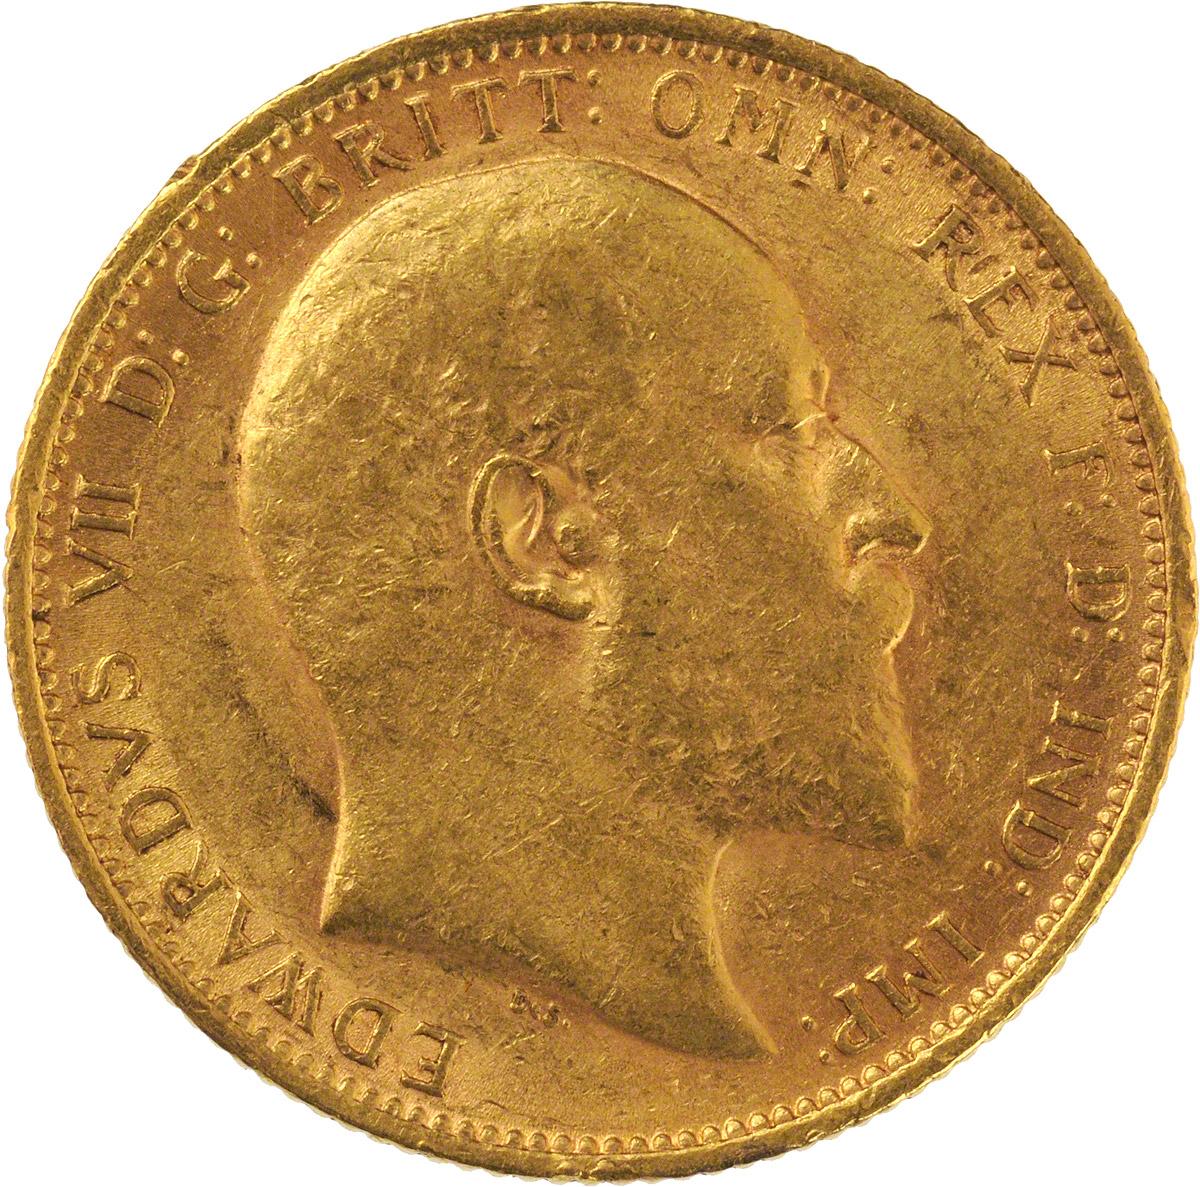 1903 Εδουάρδος Ζ' (Νομισματοκοπείο Σίδνεϊ)